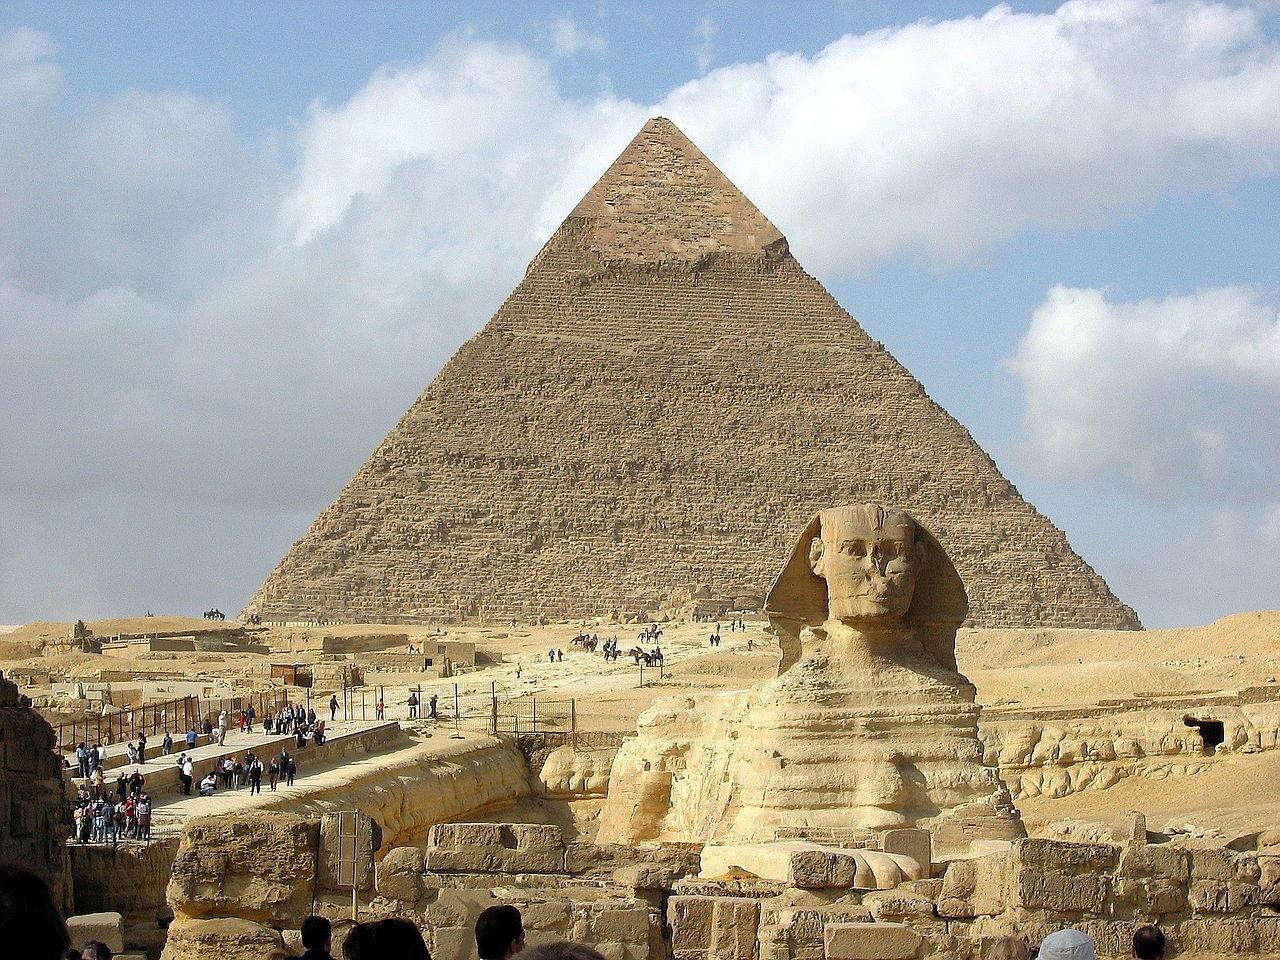 Піраміди фараонів Хеопса, Хефрена і Мікеріна вважаються найвідомішими пірамідами в Єгипті